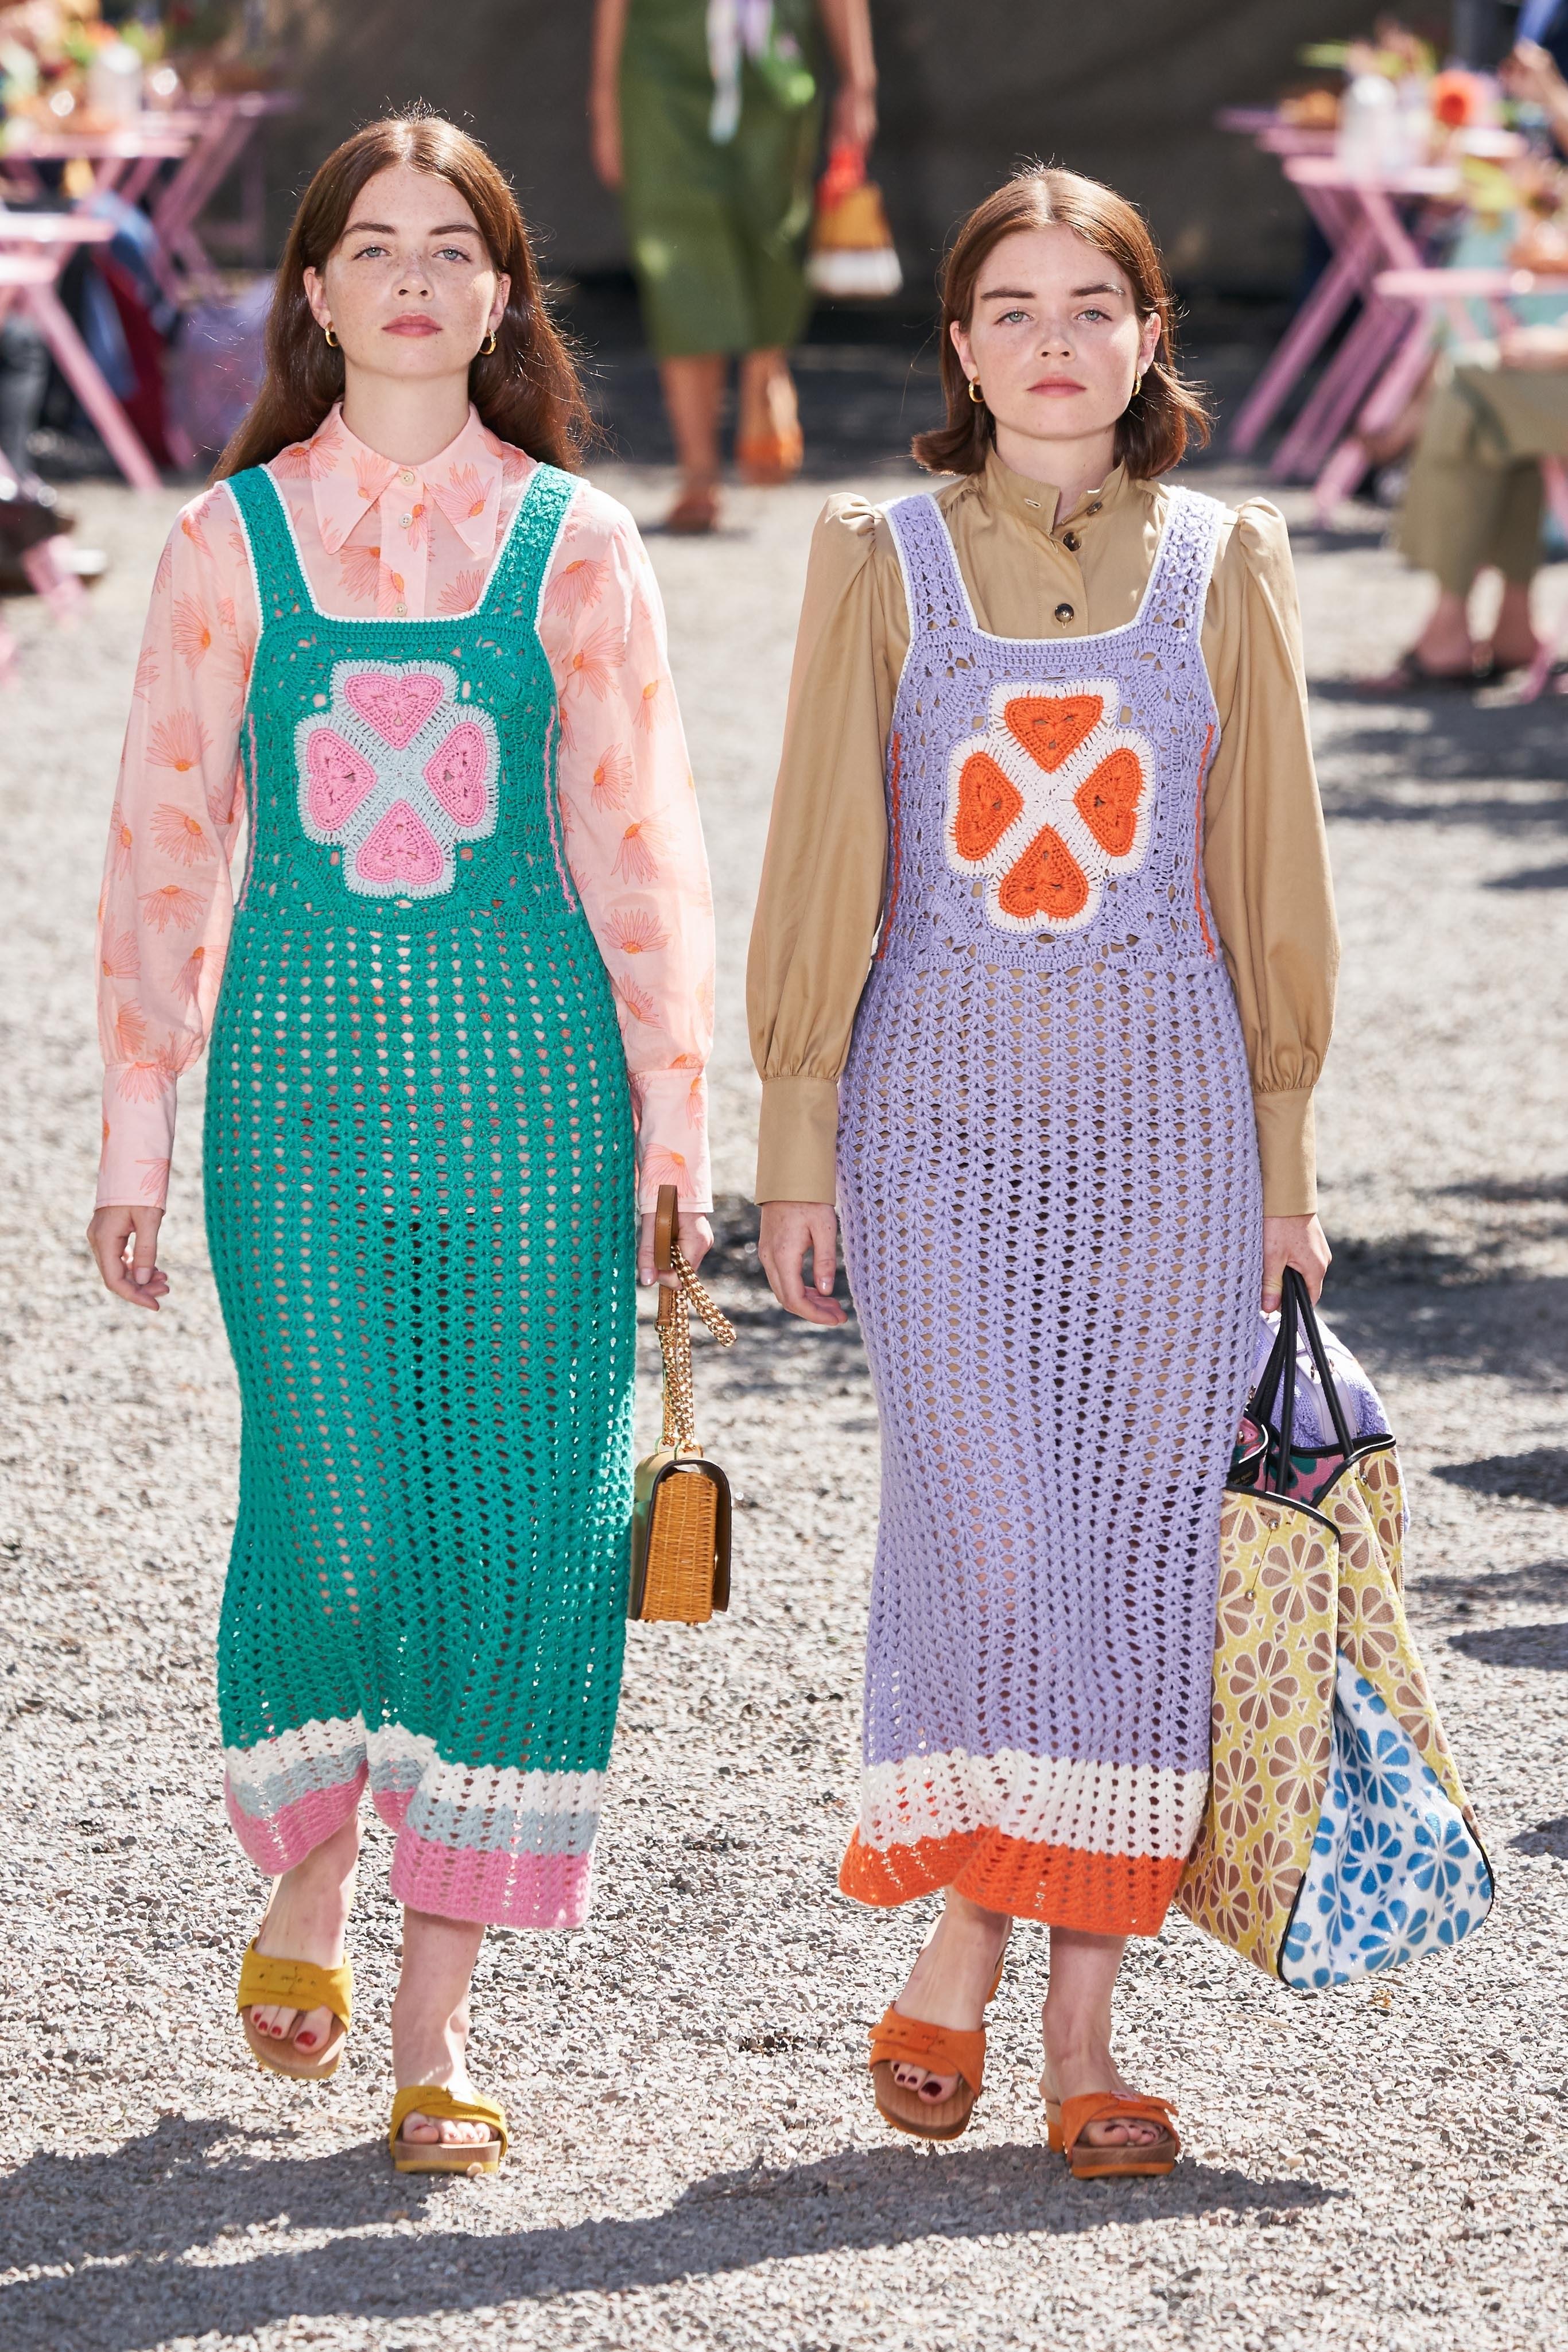 thiết kế vải móc màu sắc kate spade new york - xu hướng thời trang xuân hè 2020